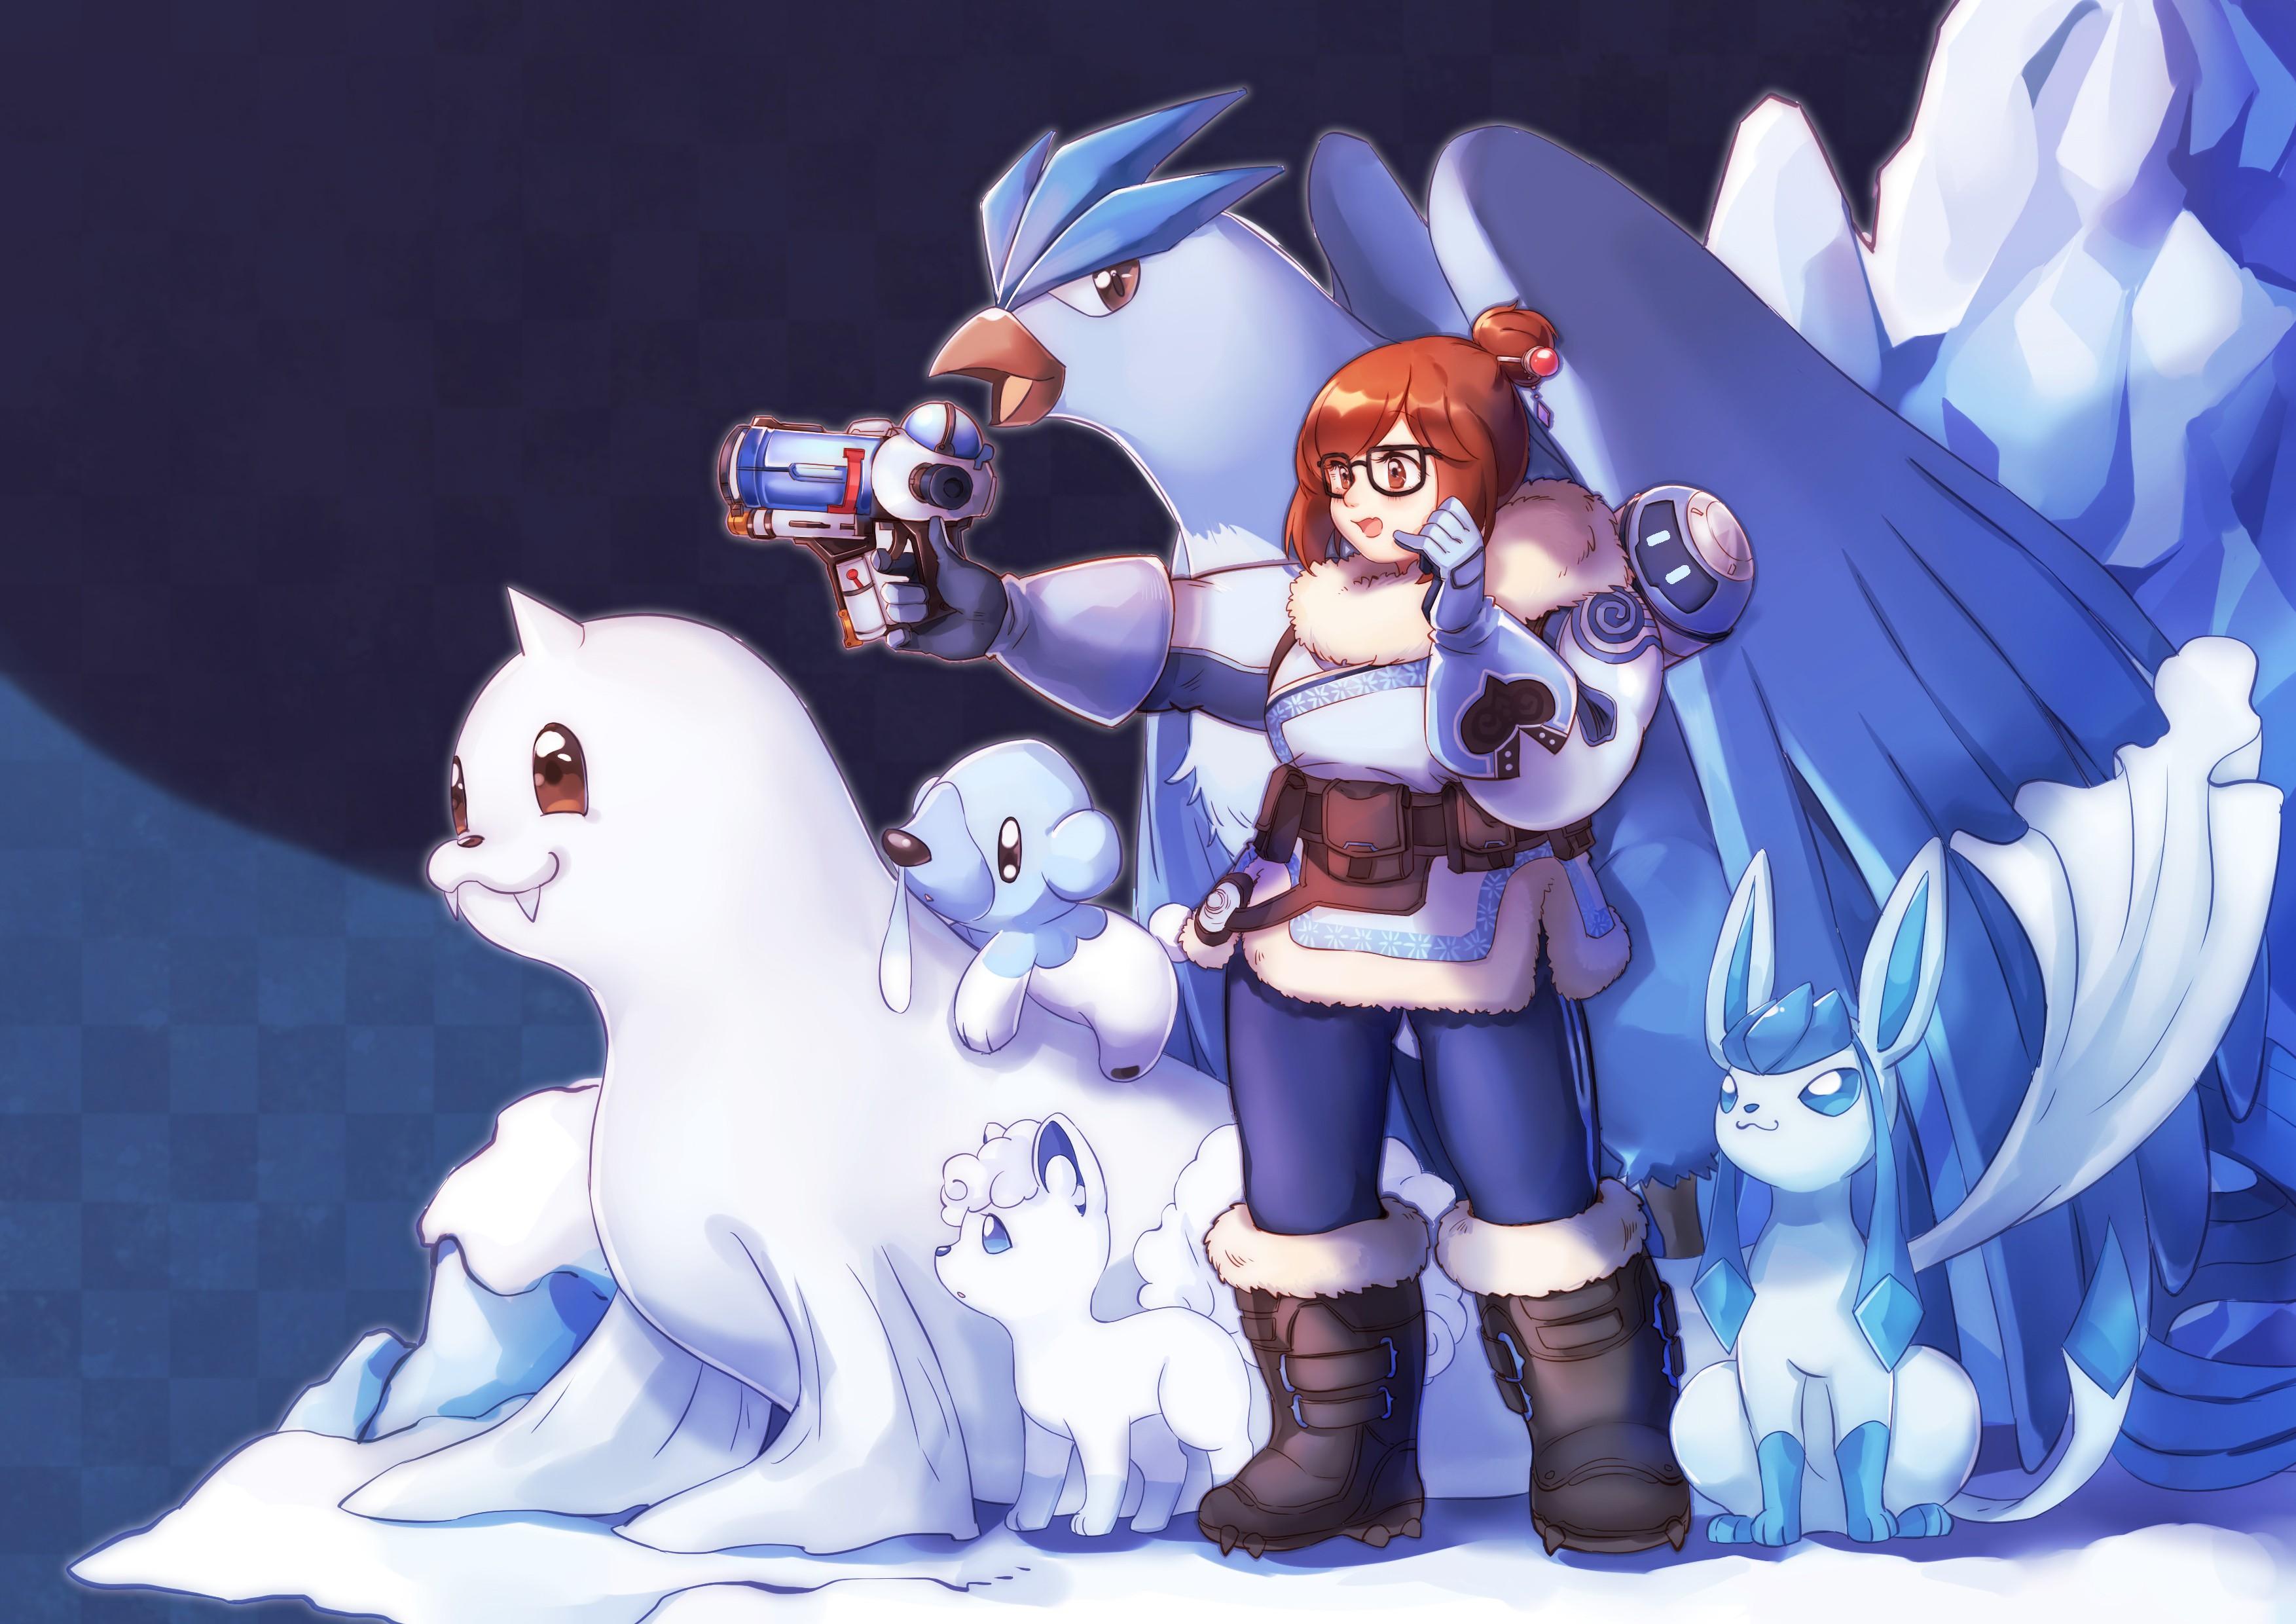 Wallpaper illustration gun anime girls short hair - Mei wallpaper ...